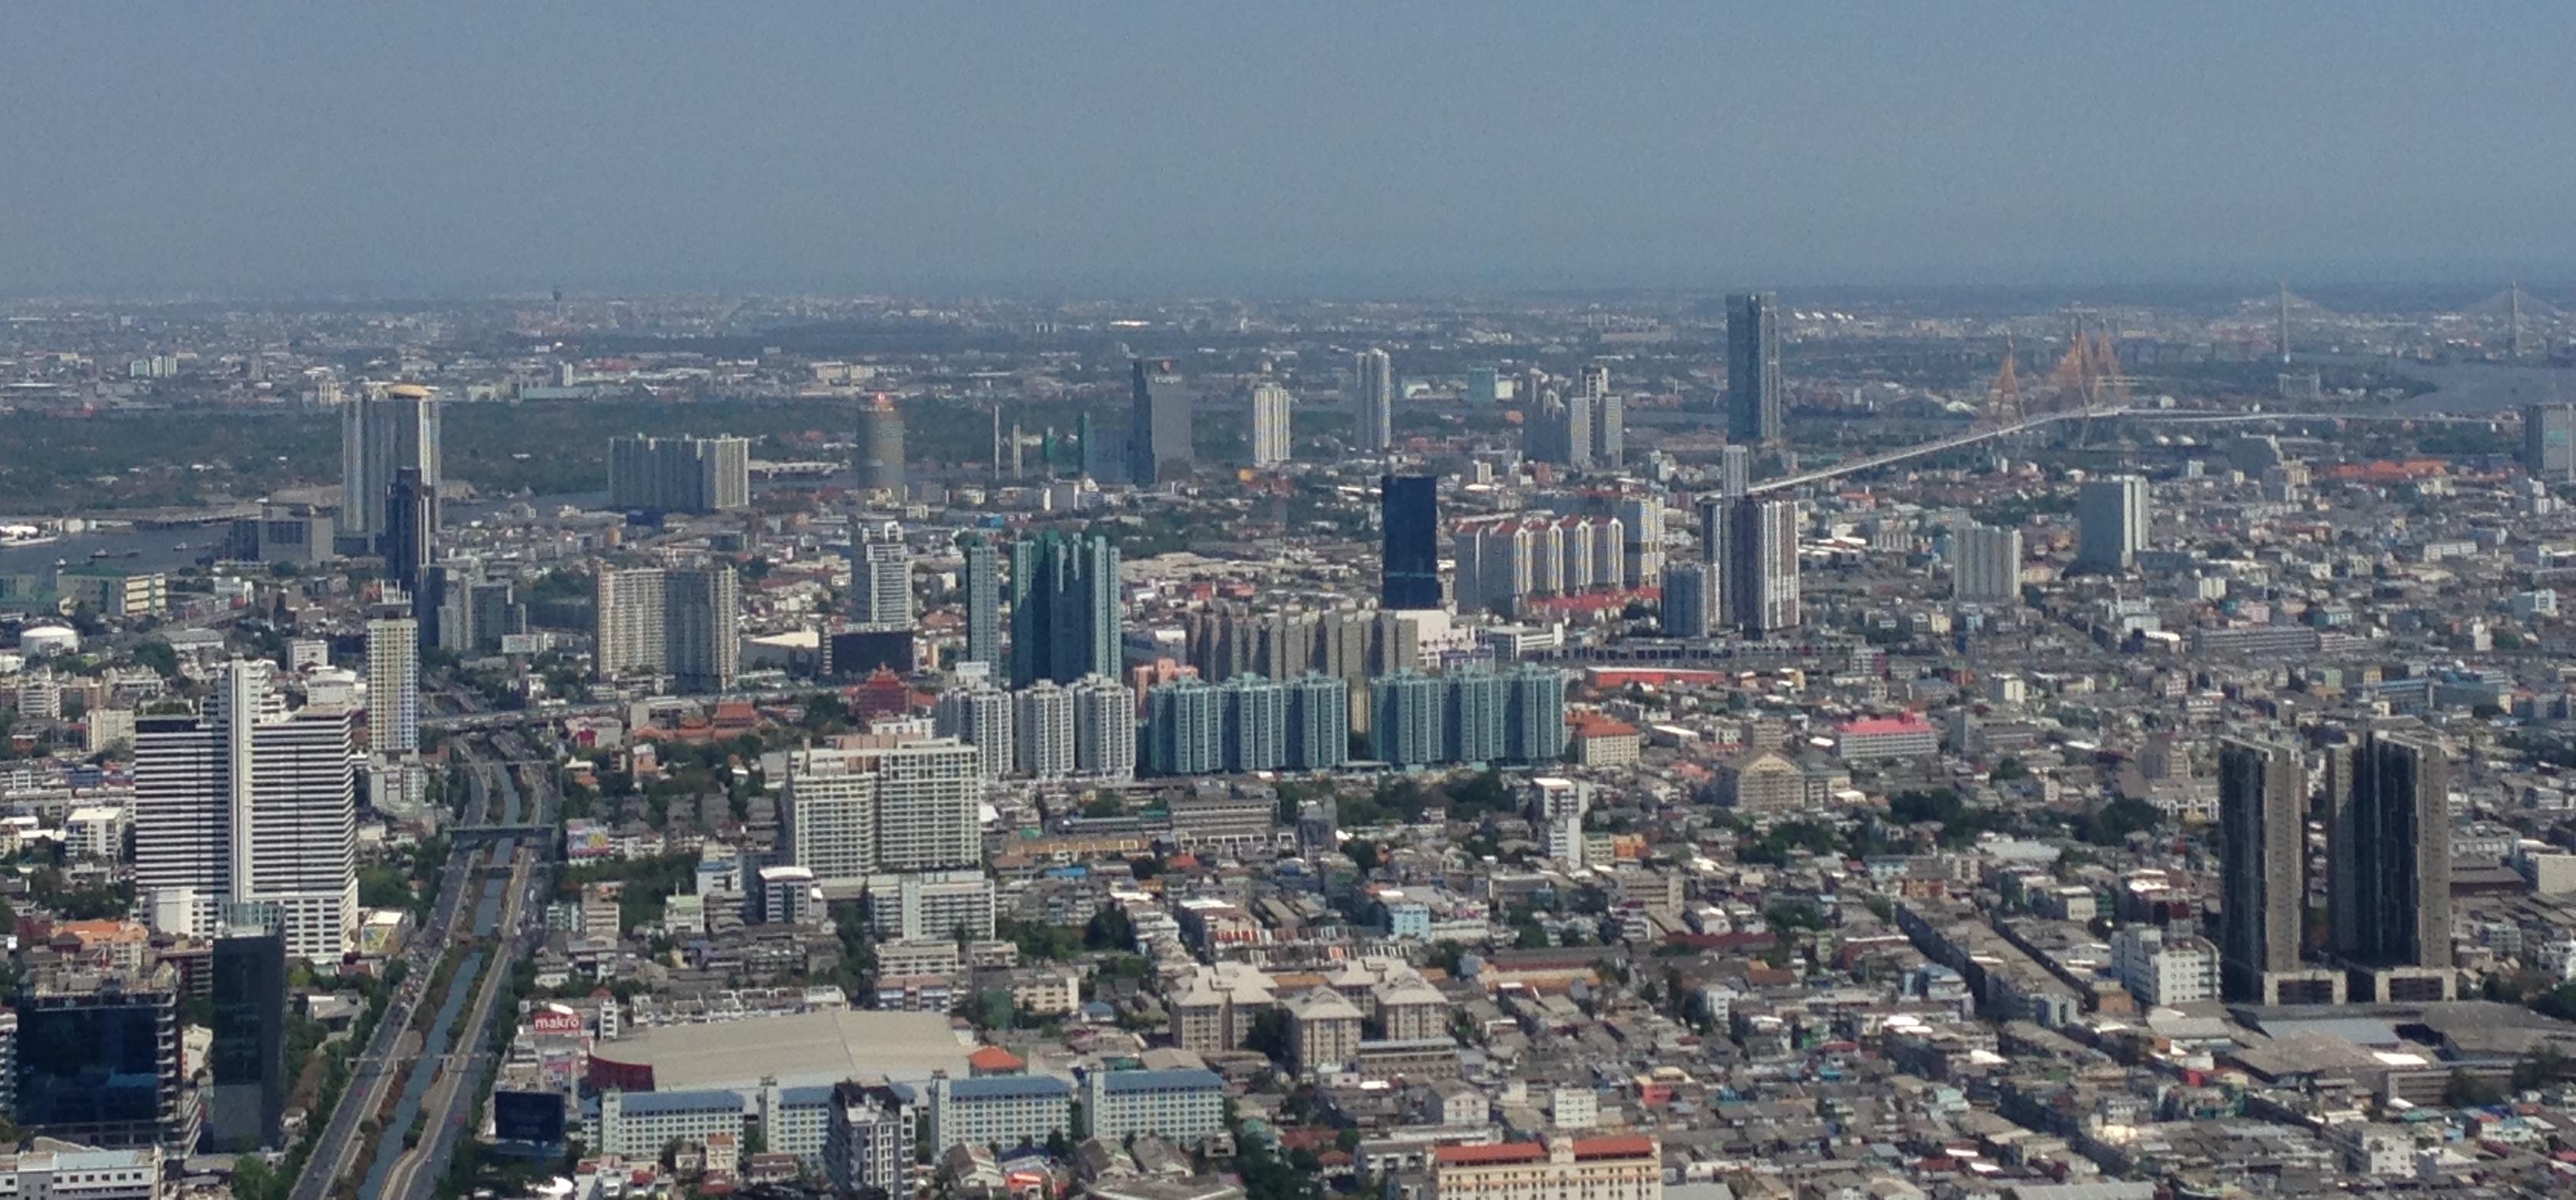 高さ314mの超高層ビル、MahaNakhonの屋上からバンコクを見る(筆者撮影)